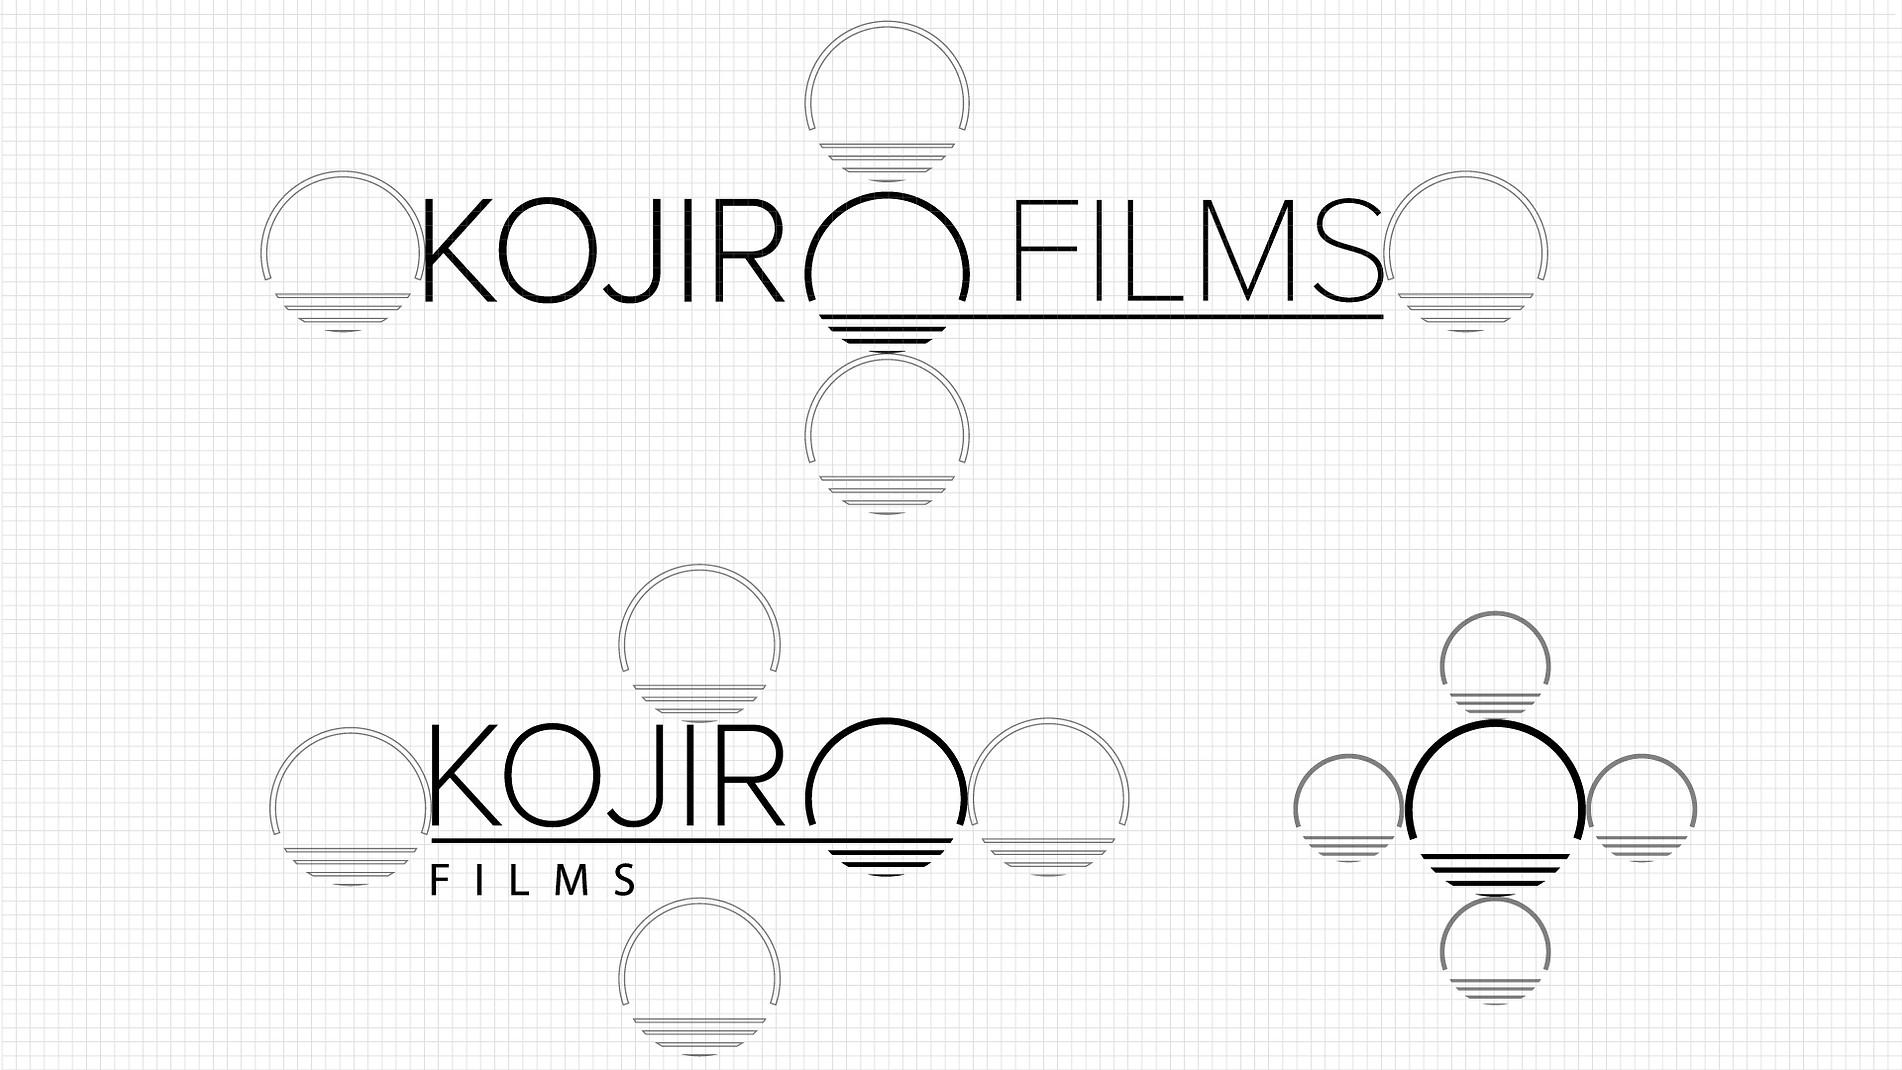 Kojiro_Films_Planimetry.jpg